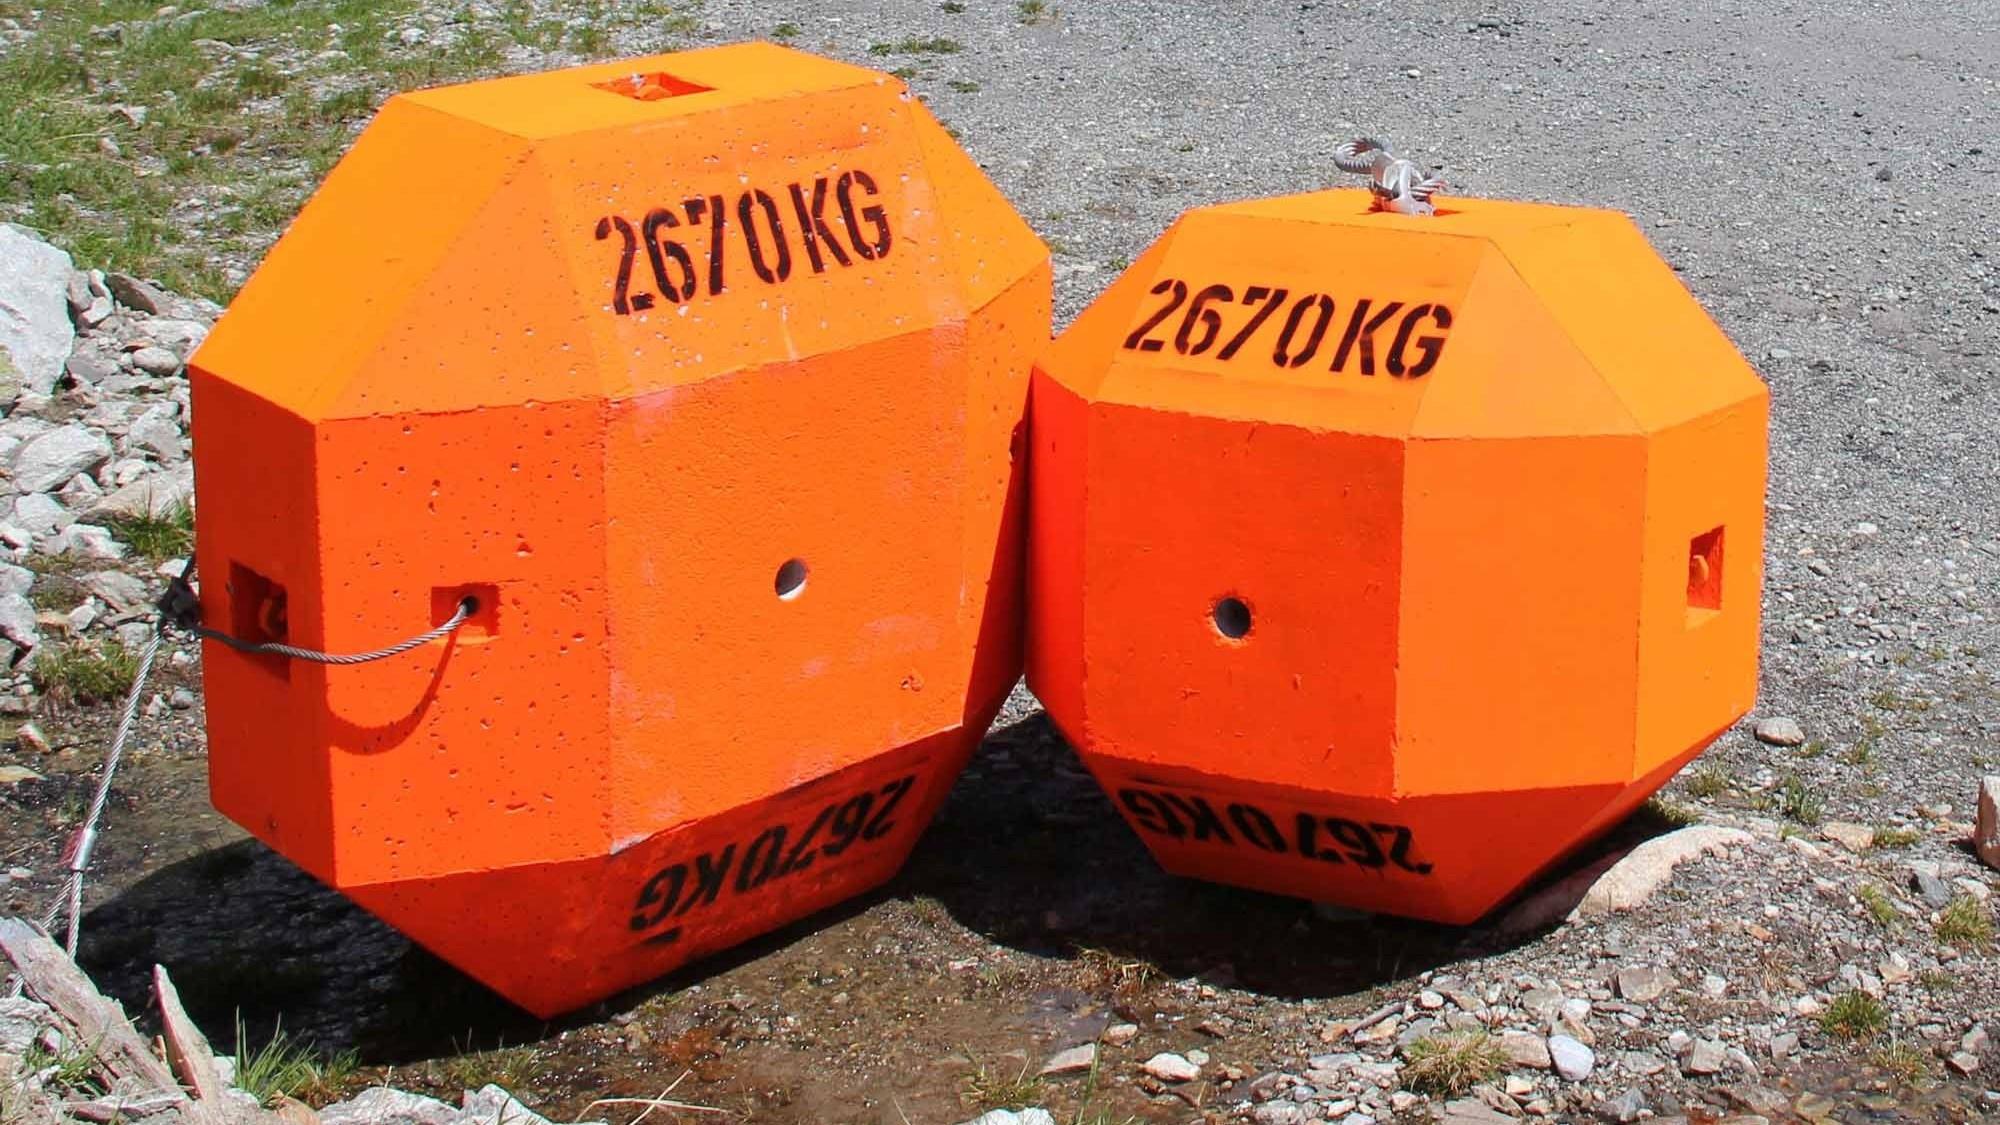 Radförmiger und würfelförmiger Betonblock für Steinschlagexperiment